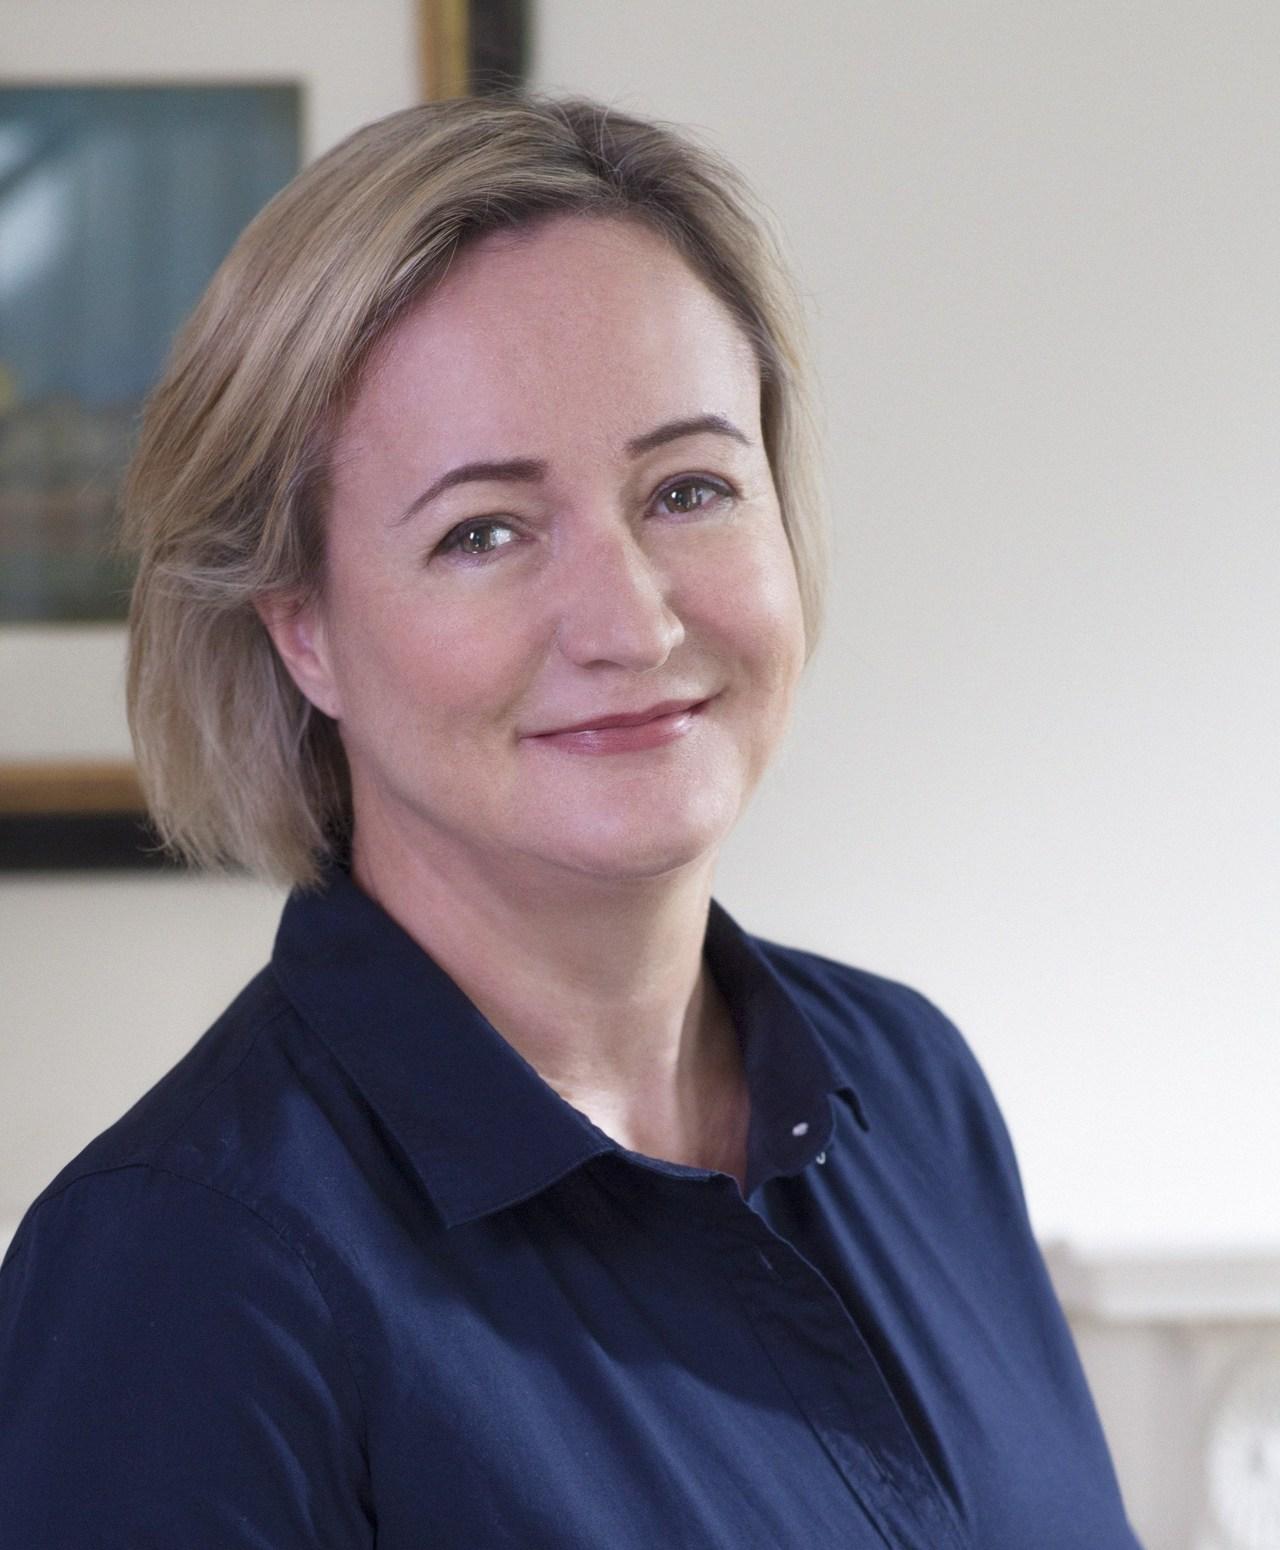 Helen simonson for facebook %28cropped%29 7 8 2015